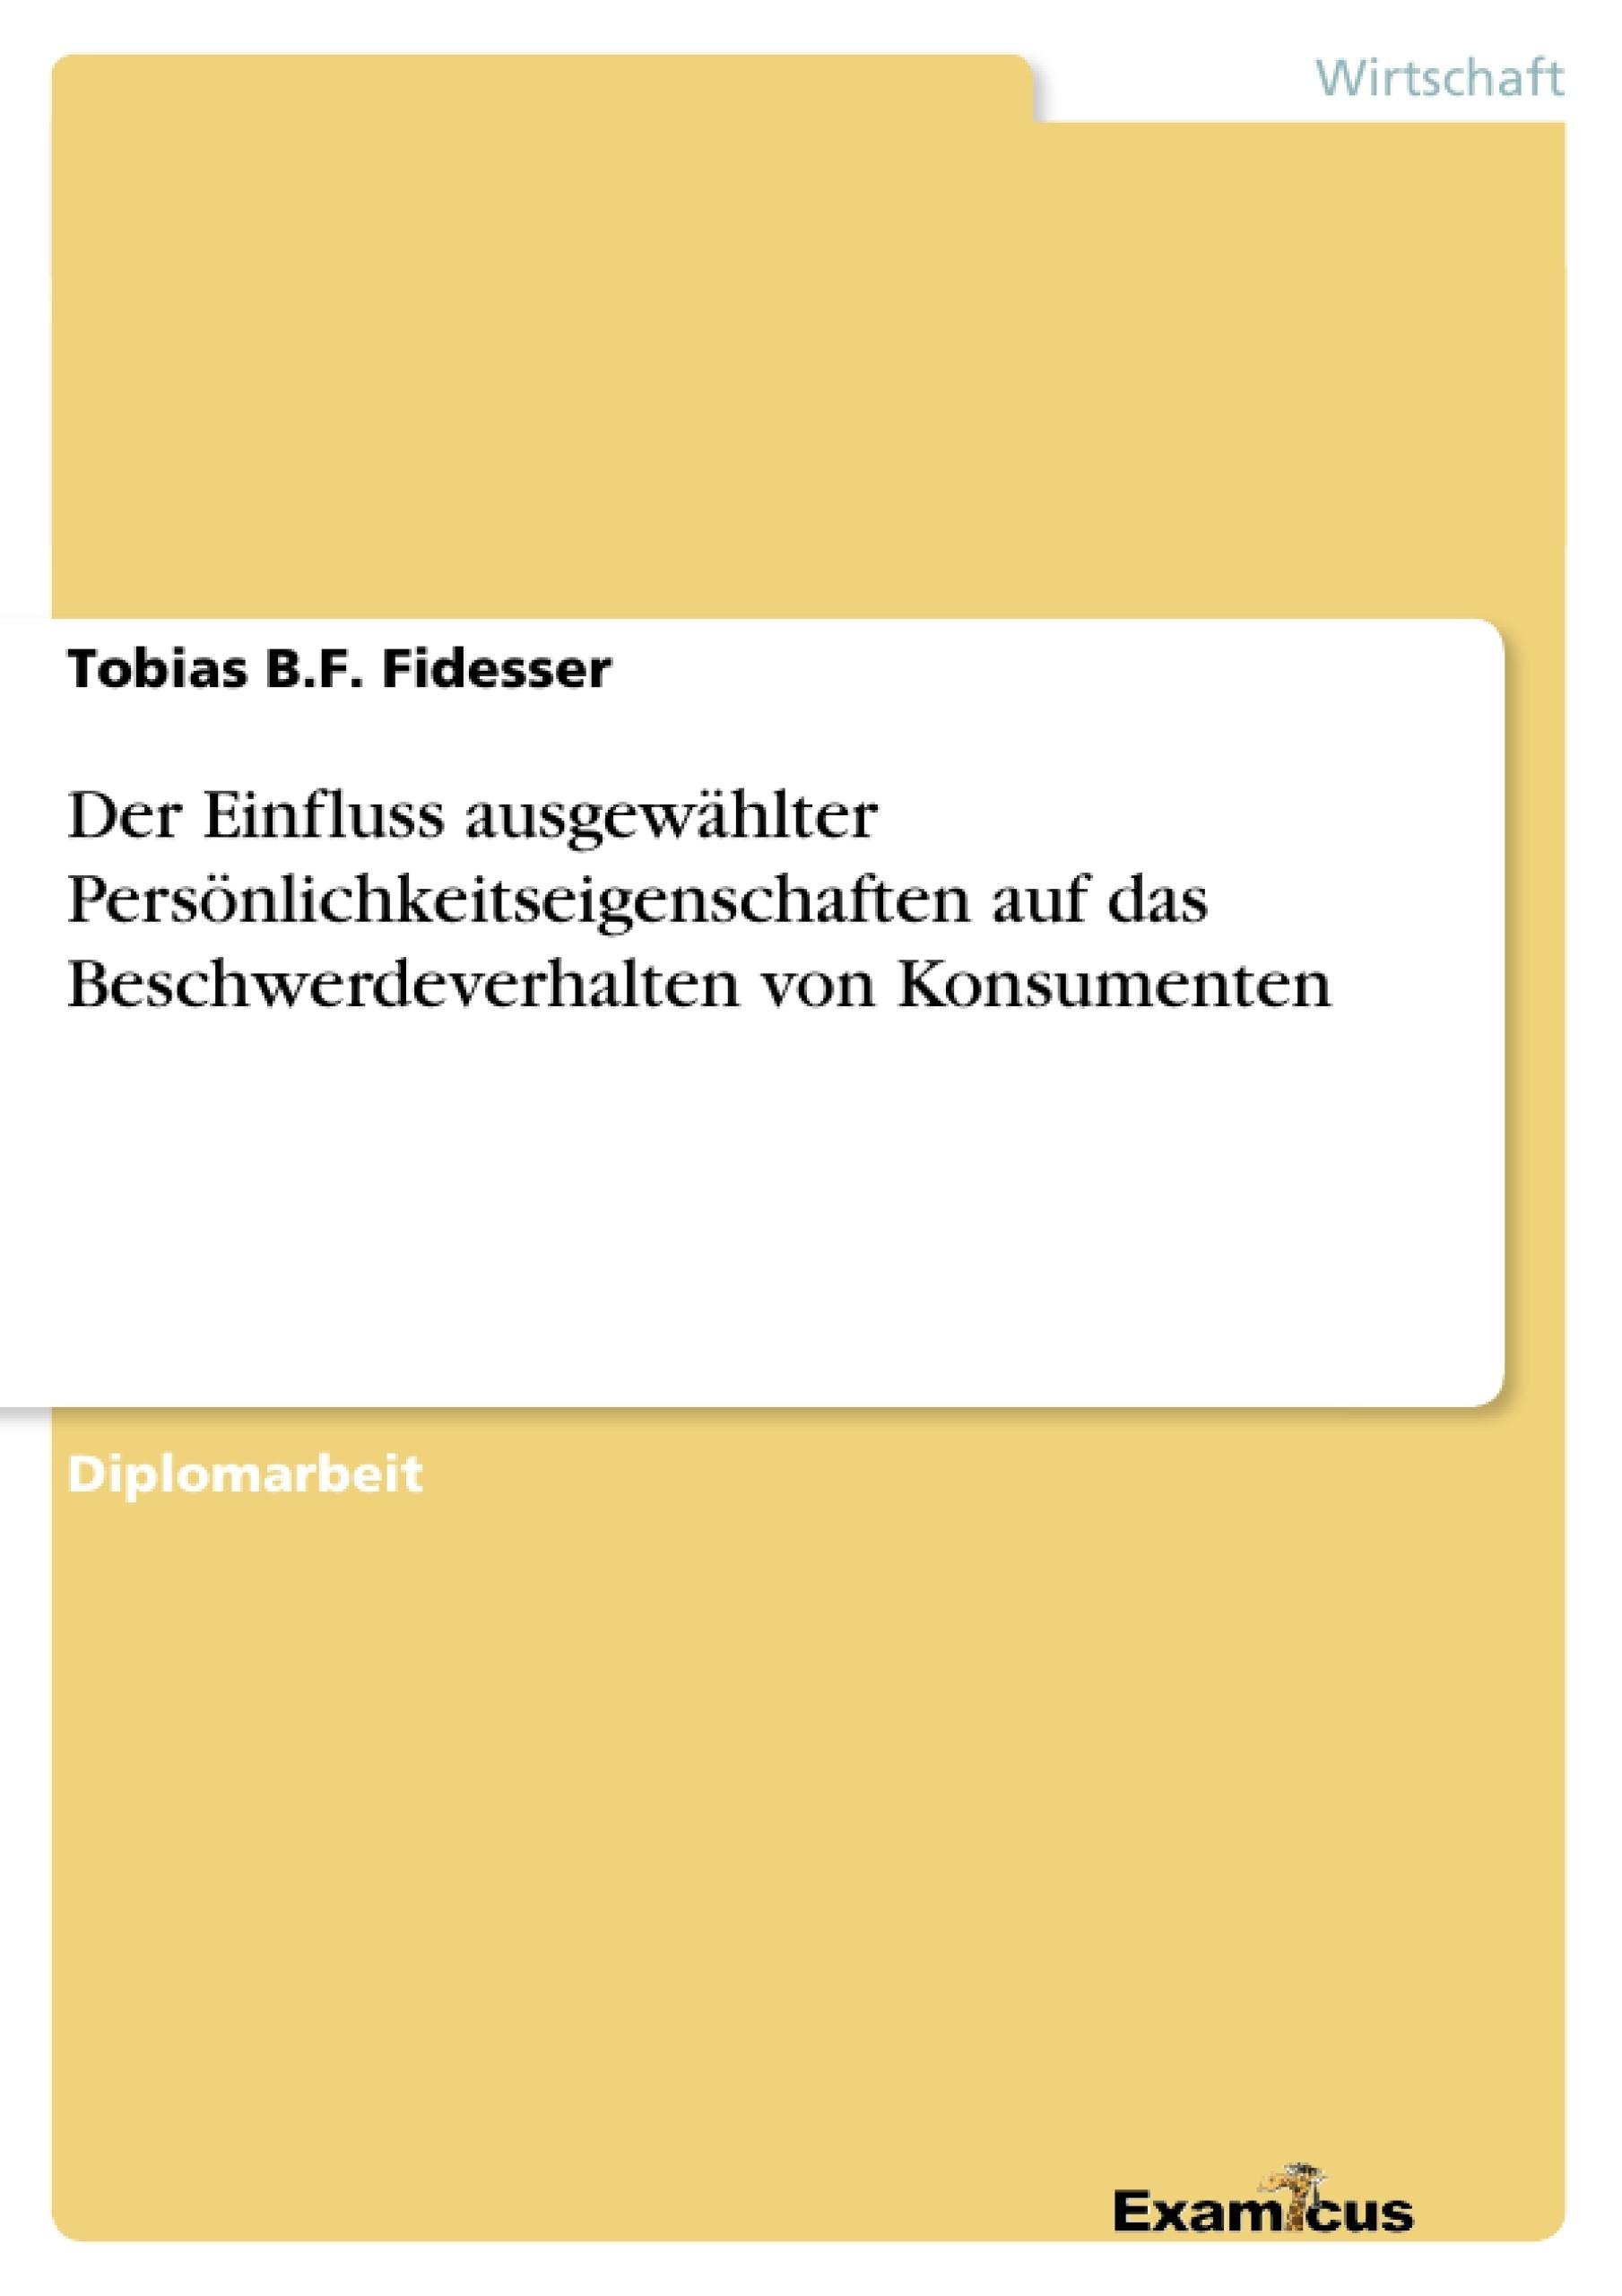 Titel: Der Einfluss ausgewählter Persönlichkeitseigenschaften auf das Beschwerdeverhalten von Konsumenten